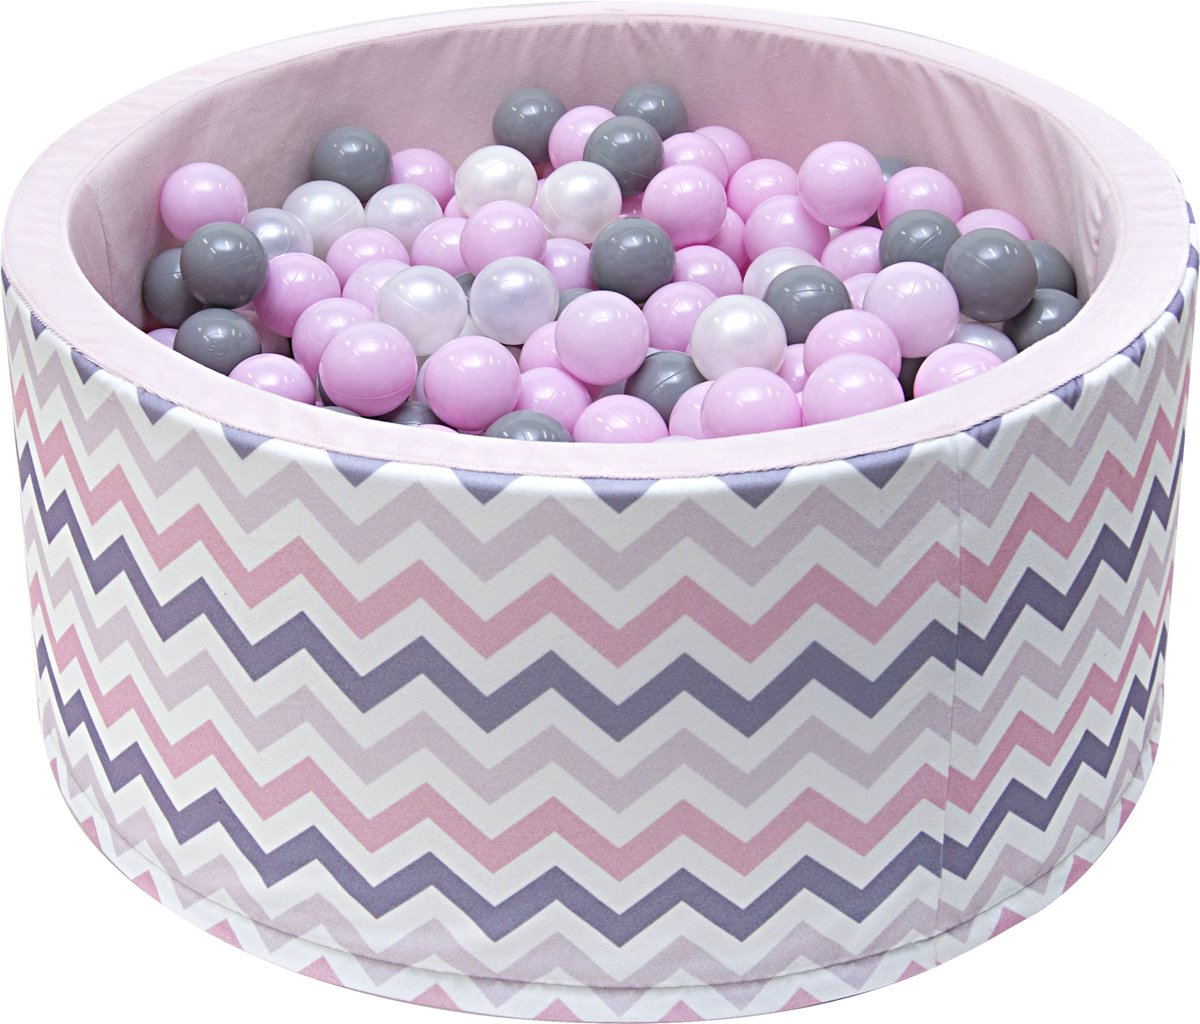 Ballenbak - stevige ballenbad -90 x 40 cm - 200 ballen Ø 7 cm - roze, wit, grijs en zilver